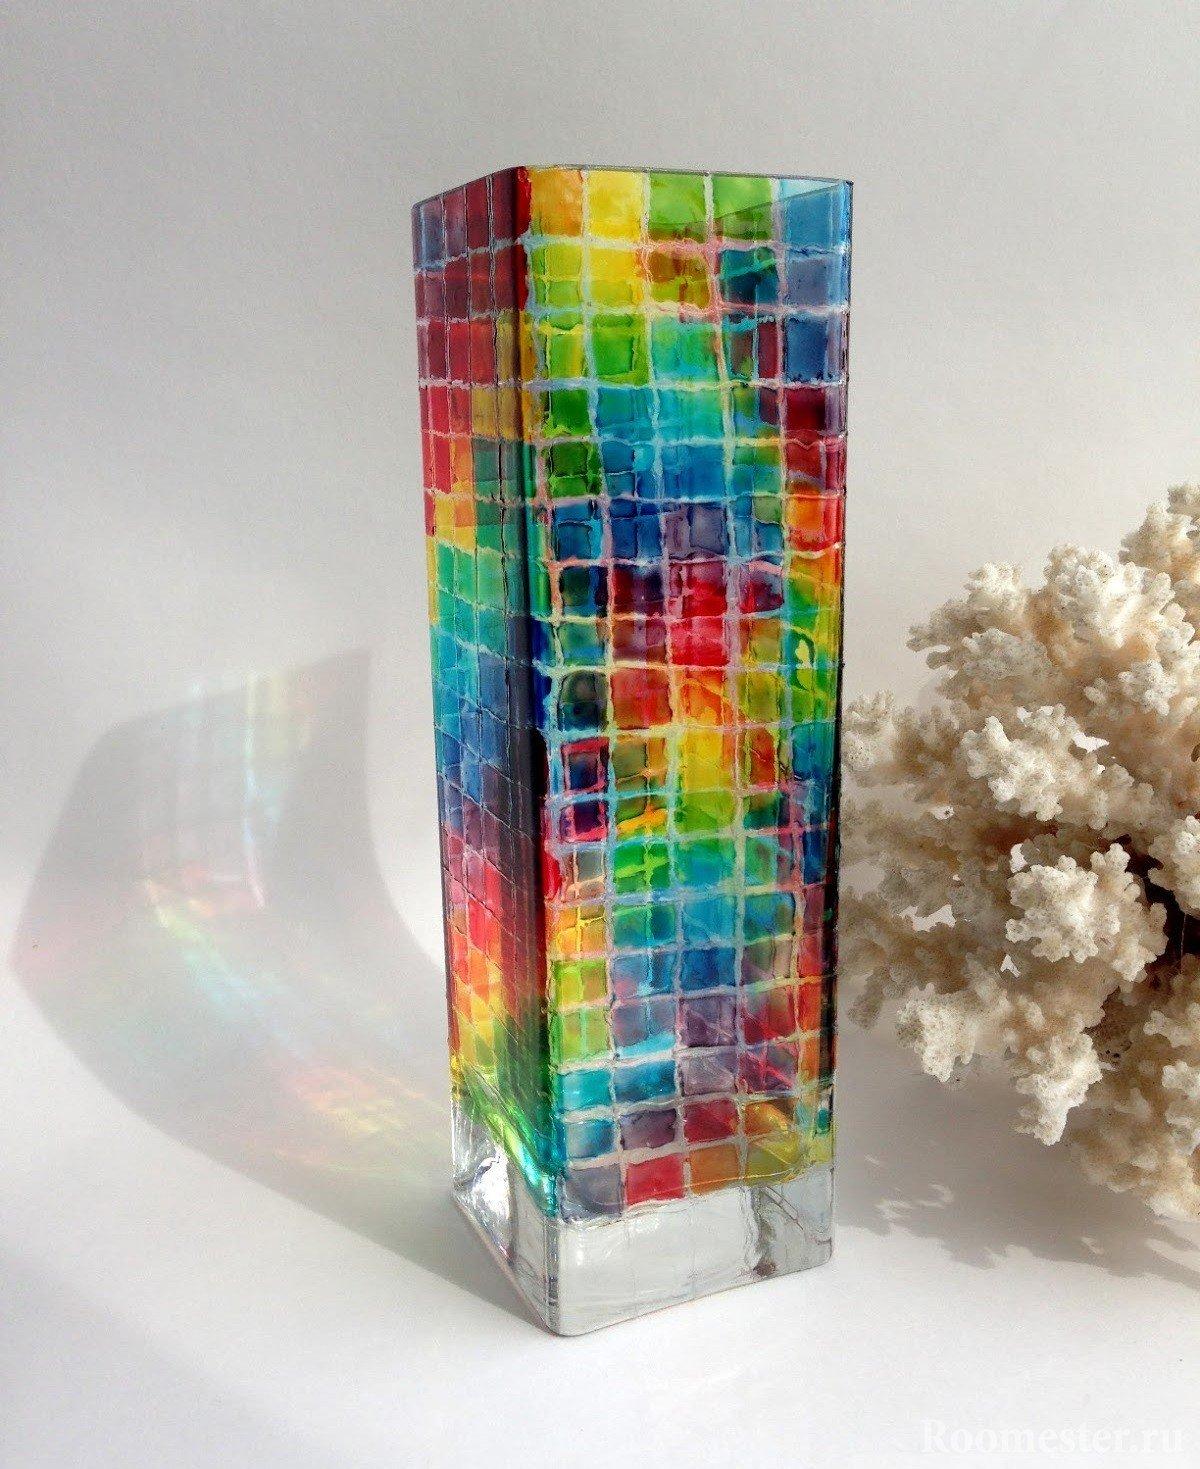 dekor-vazy-svoimi-rukami-20 Как сделать вазу из банки своими руками: 6 способов и 50 фото